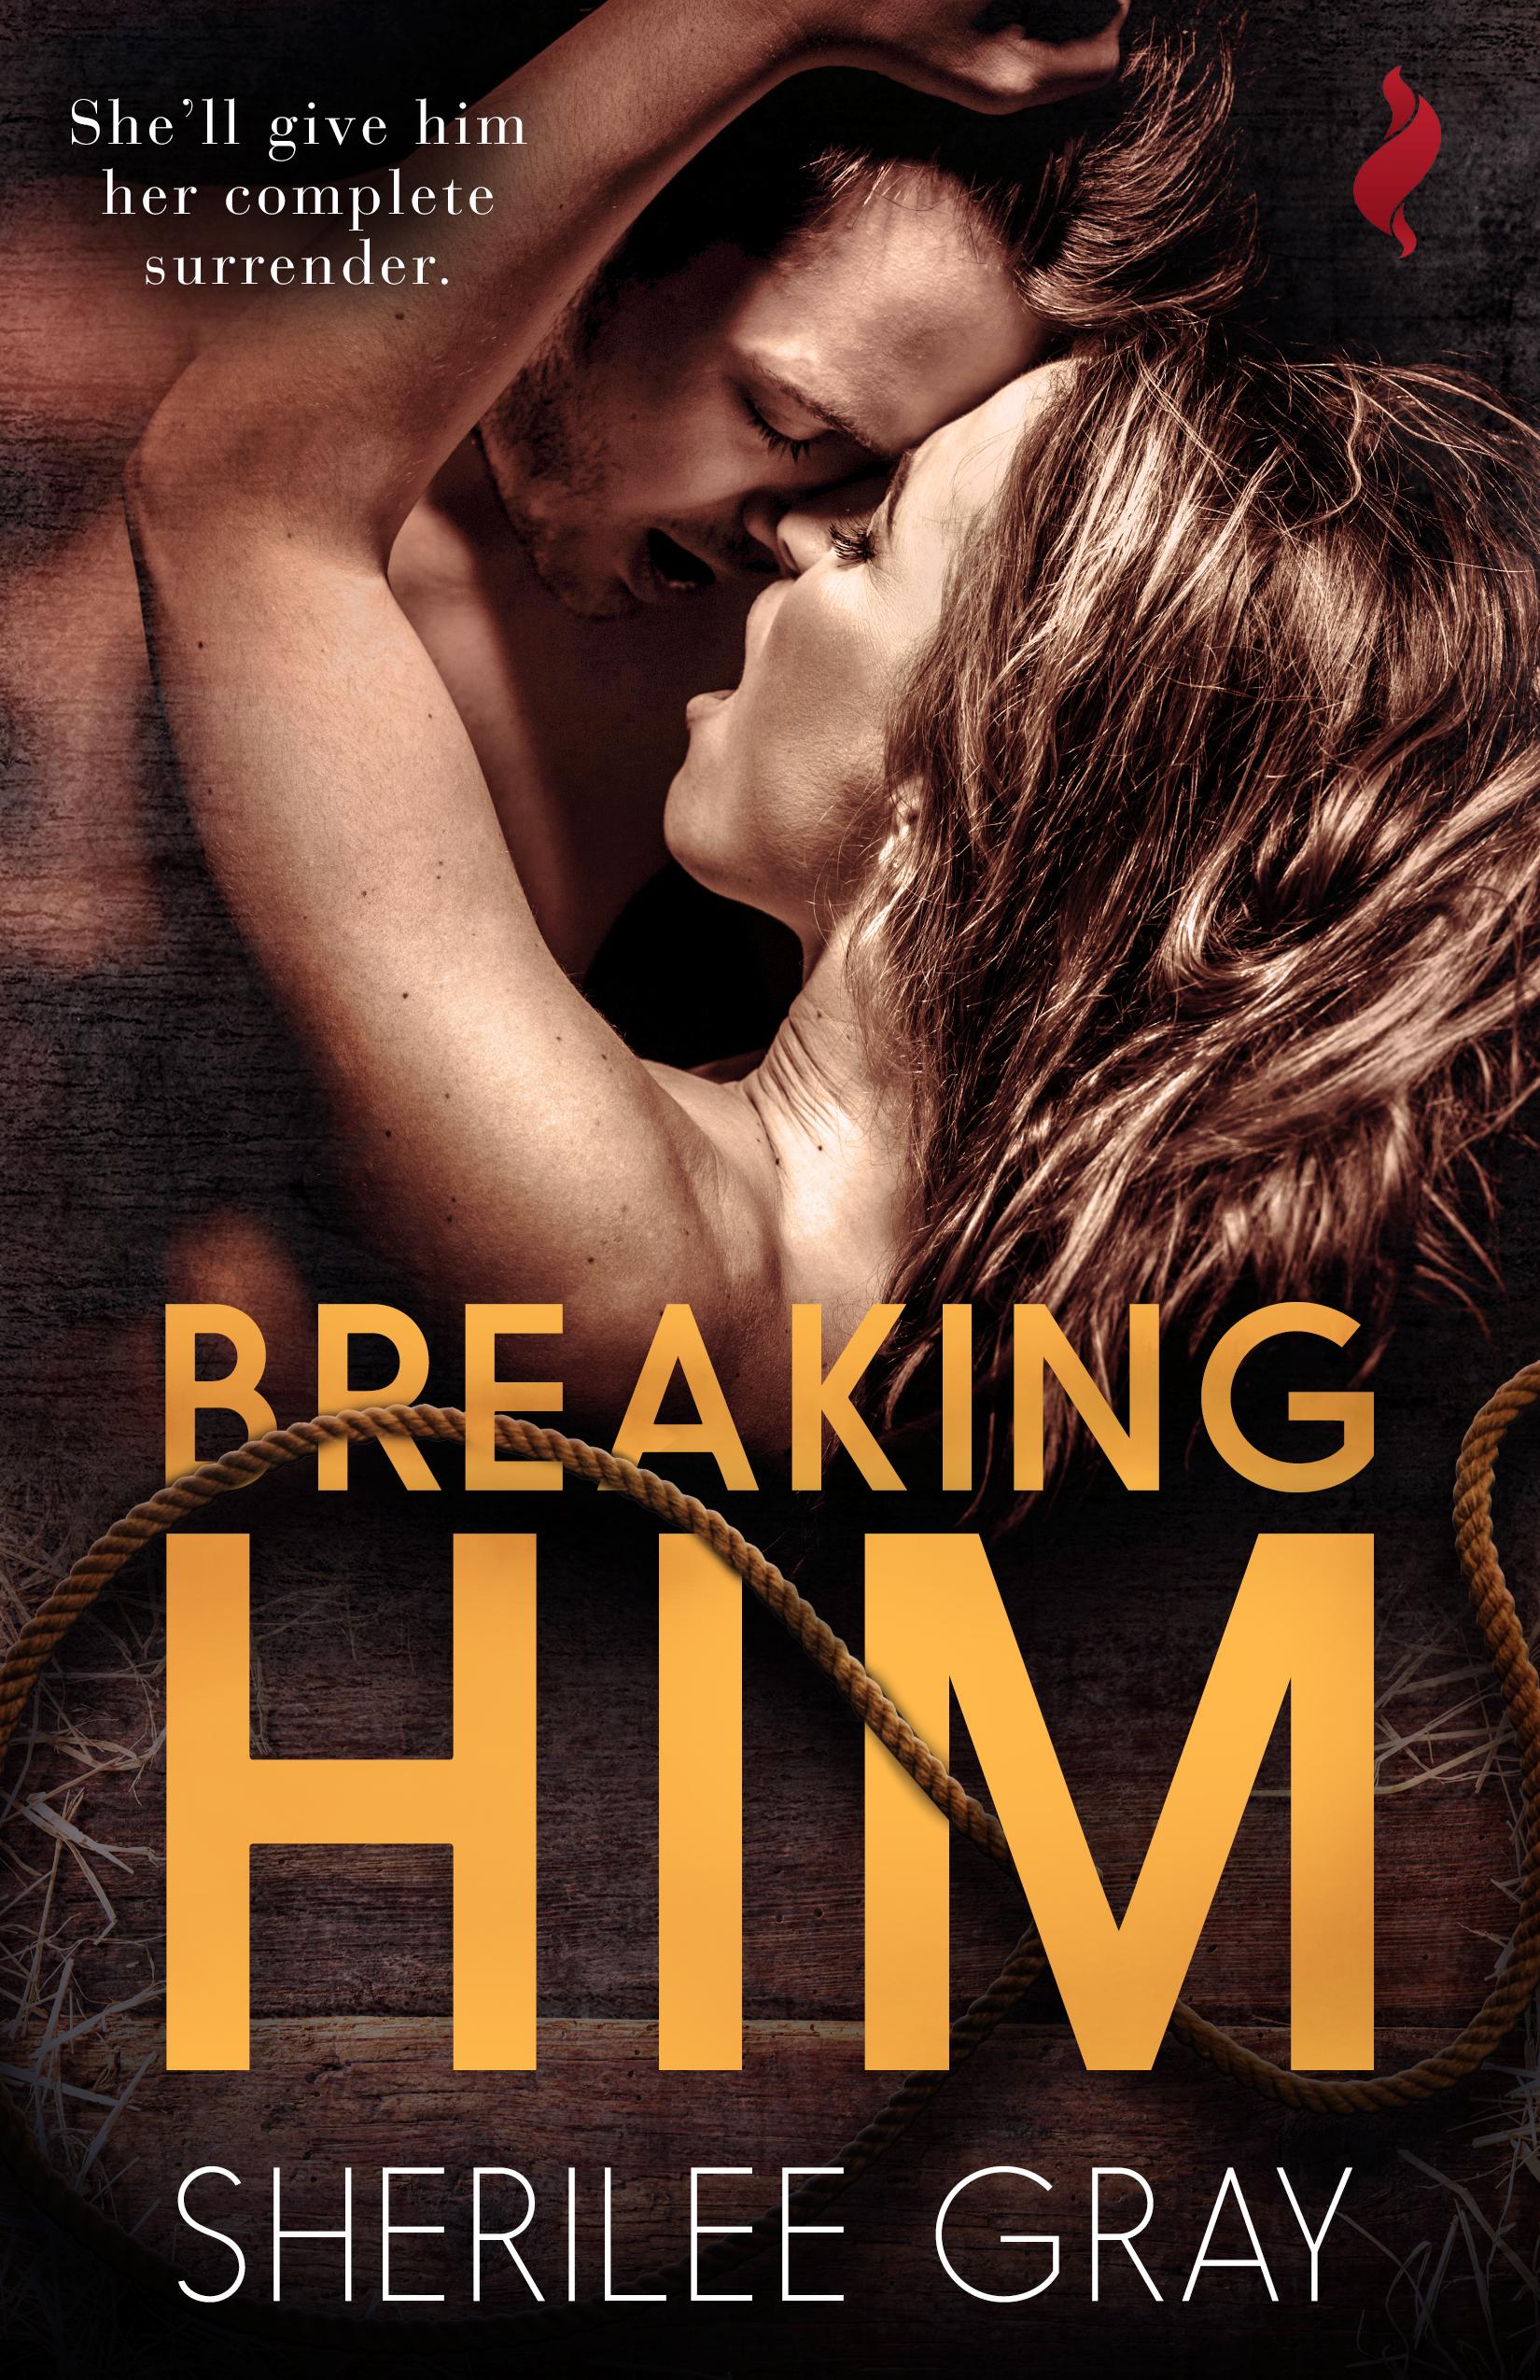 Breaking Him by Sherilee Gray